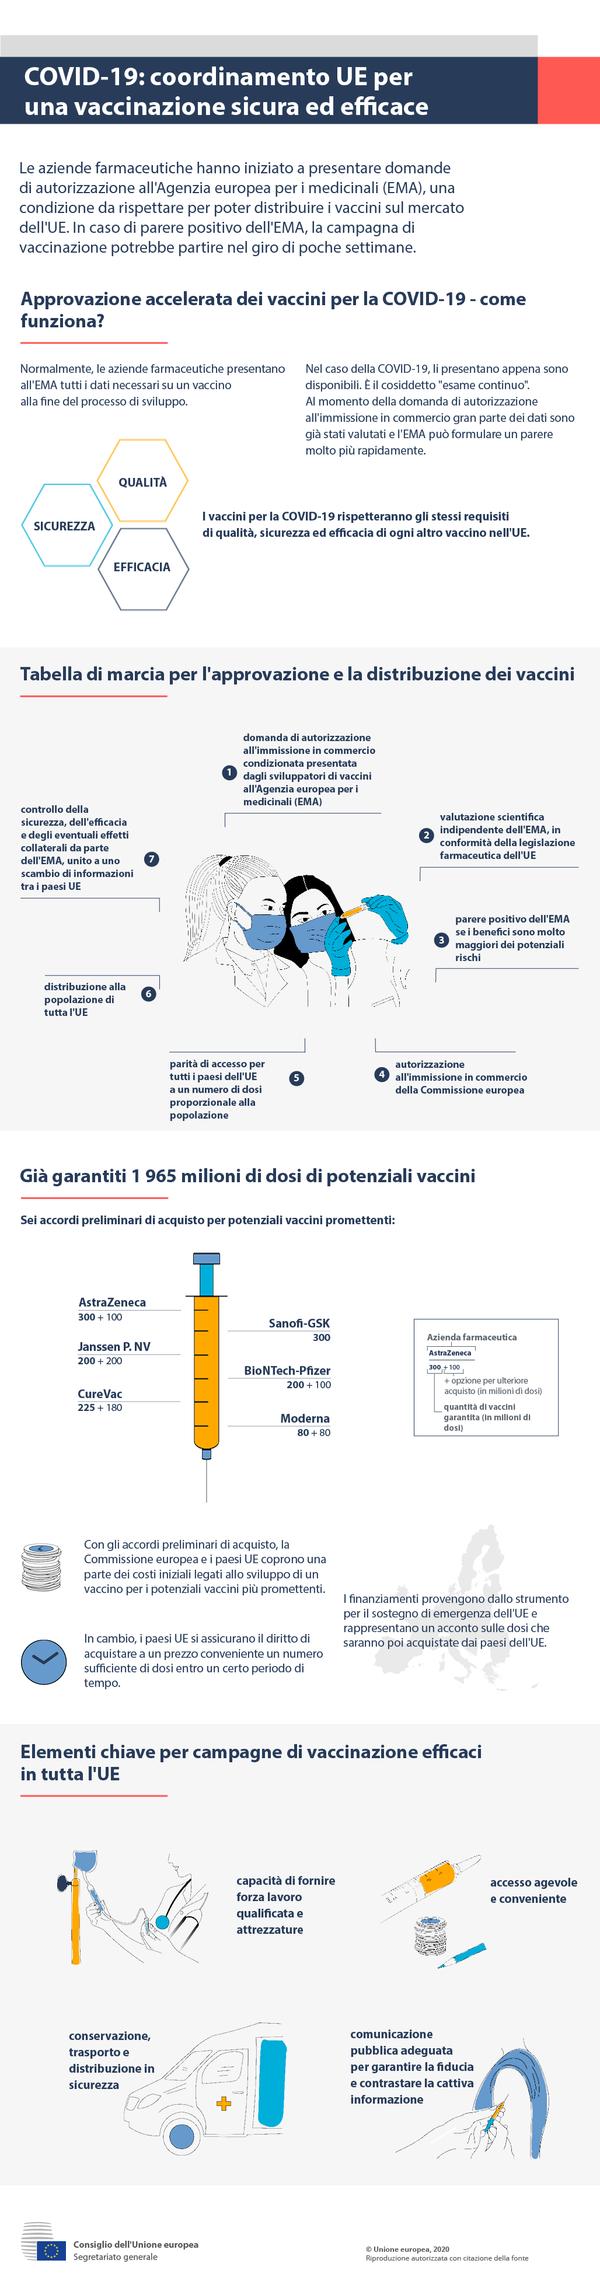 COVID-19: coordinamento UE per una vaccinazione sicura ed efficace - Sputnik Italia